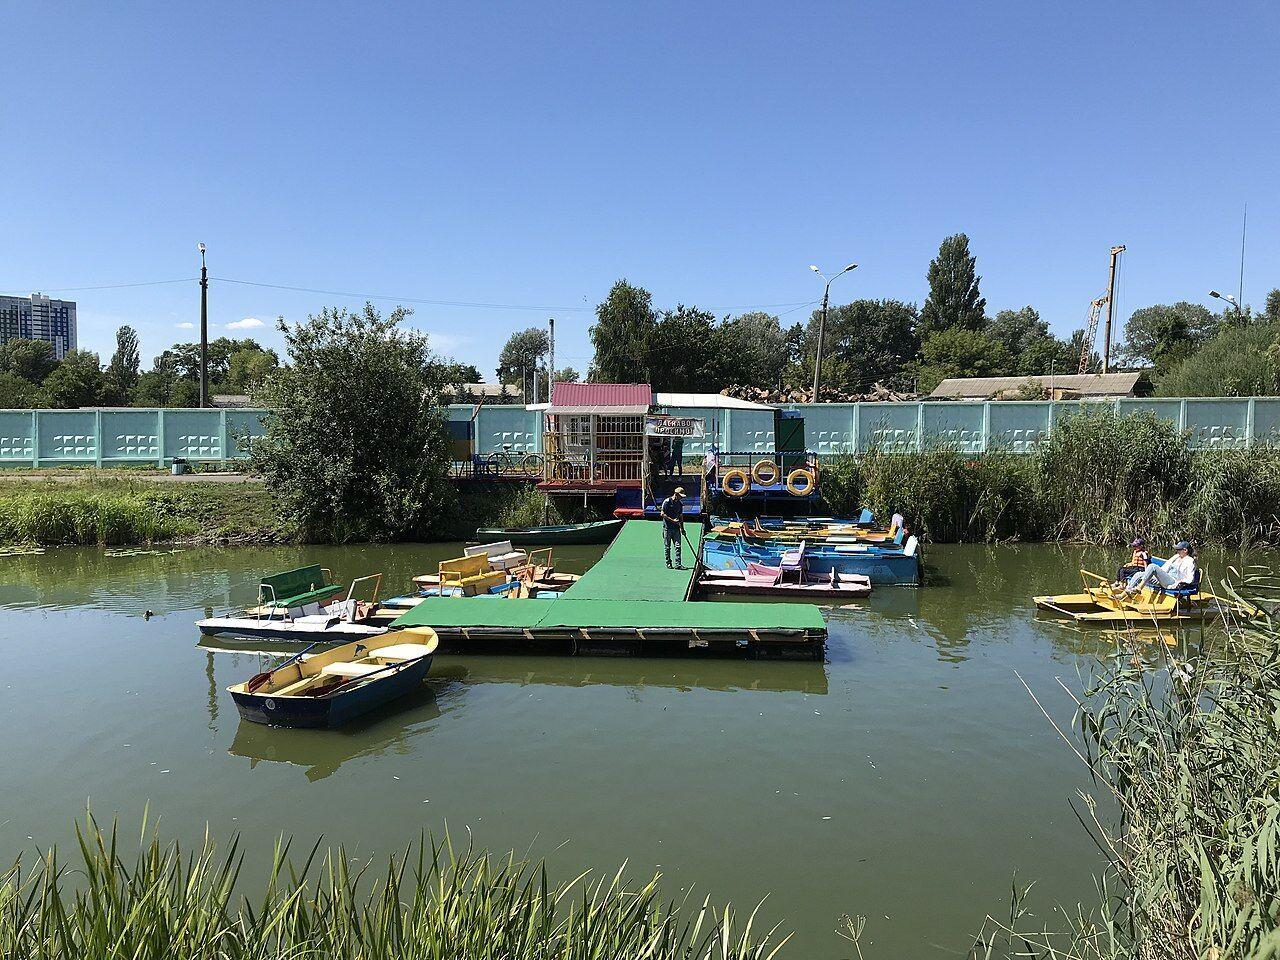 В парке можно арендовать лодки или катамараны.